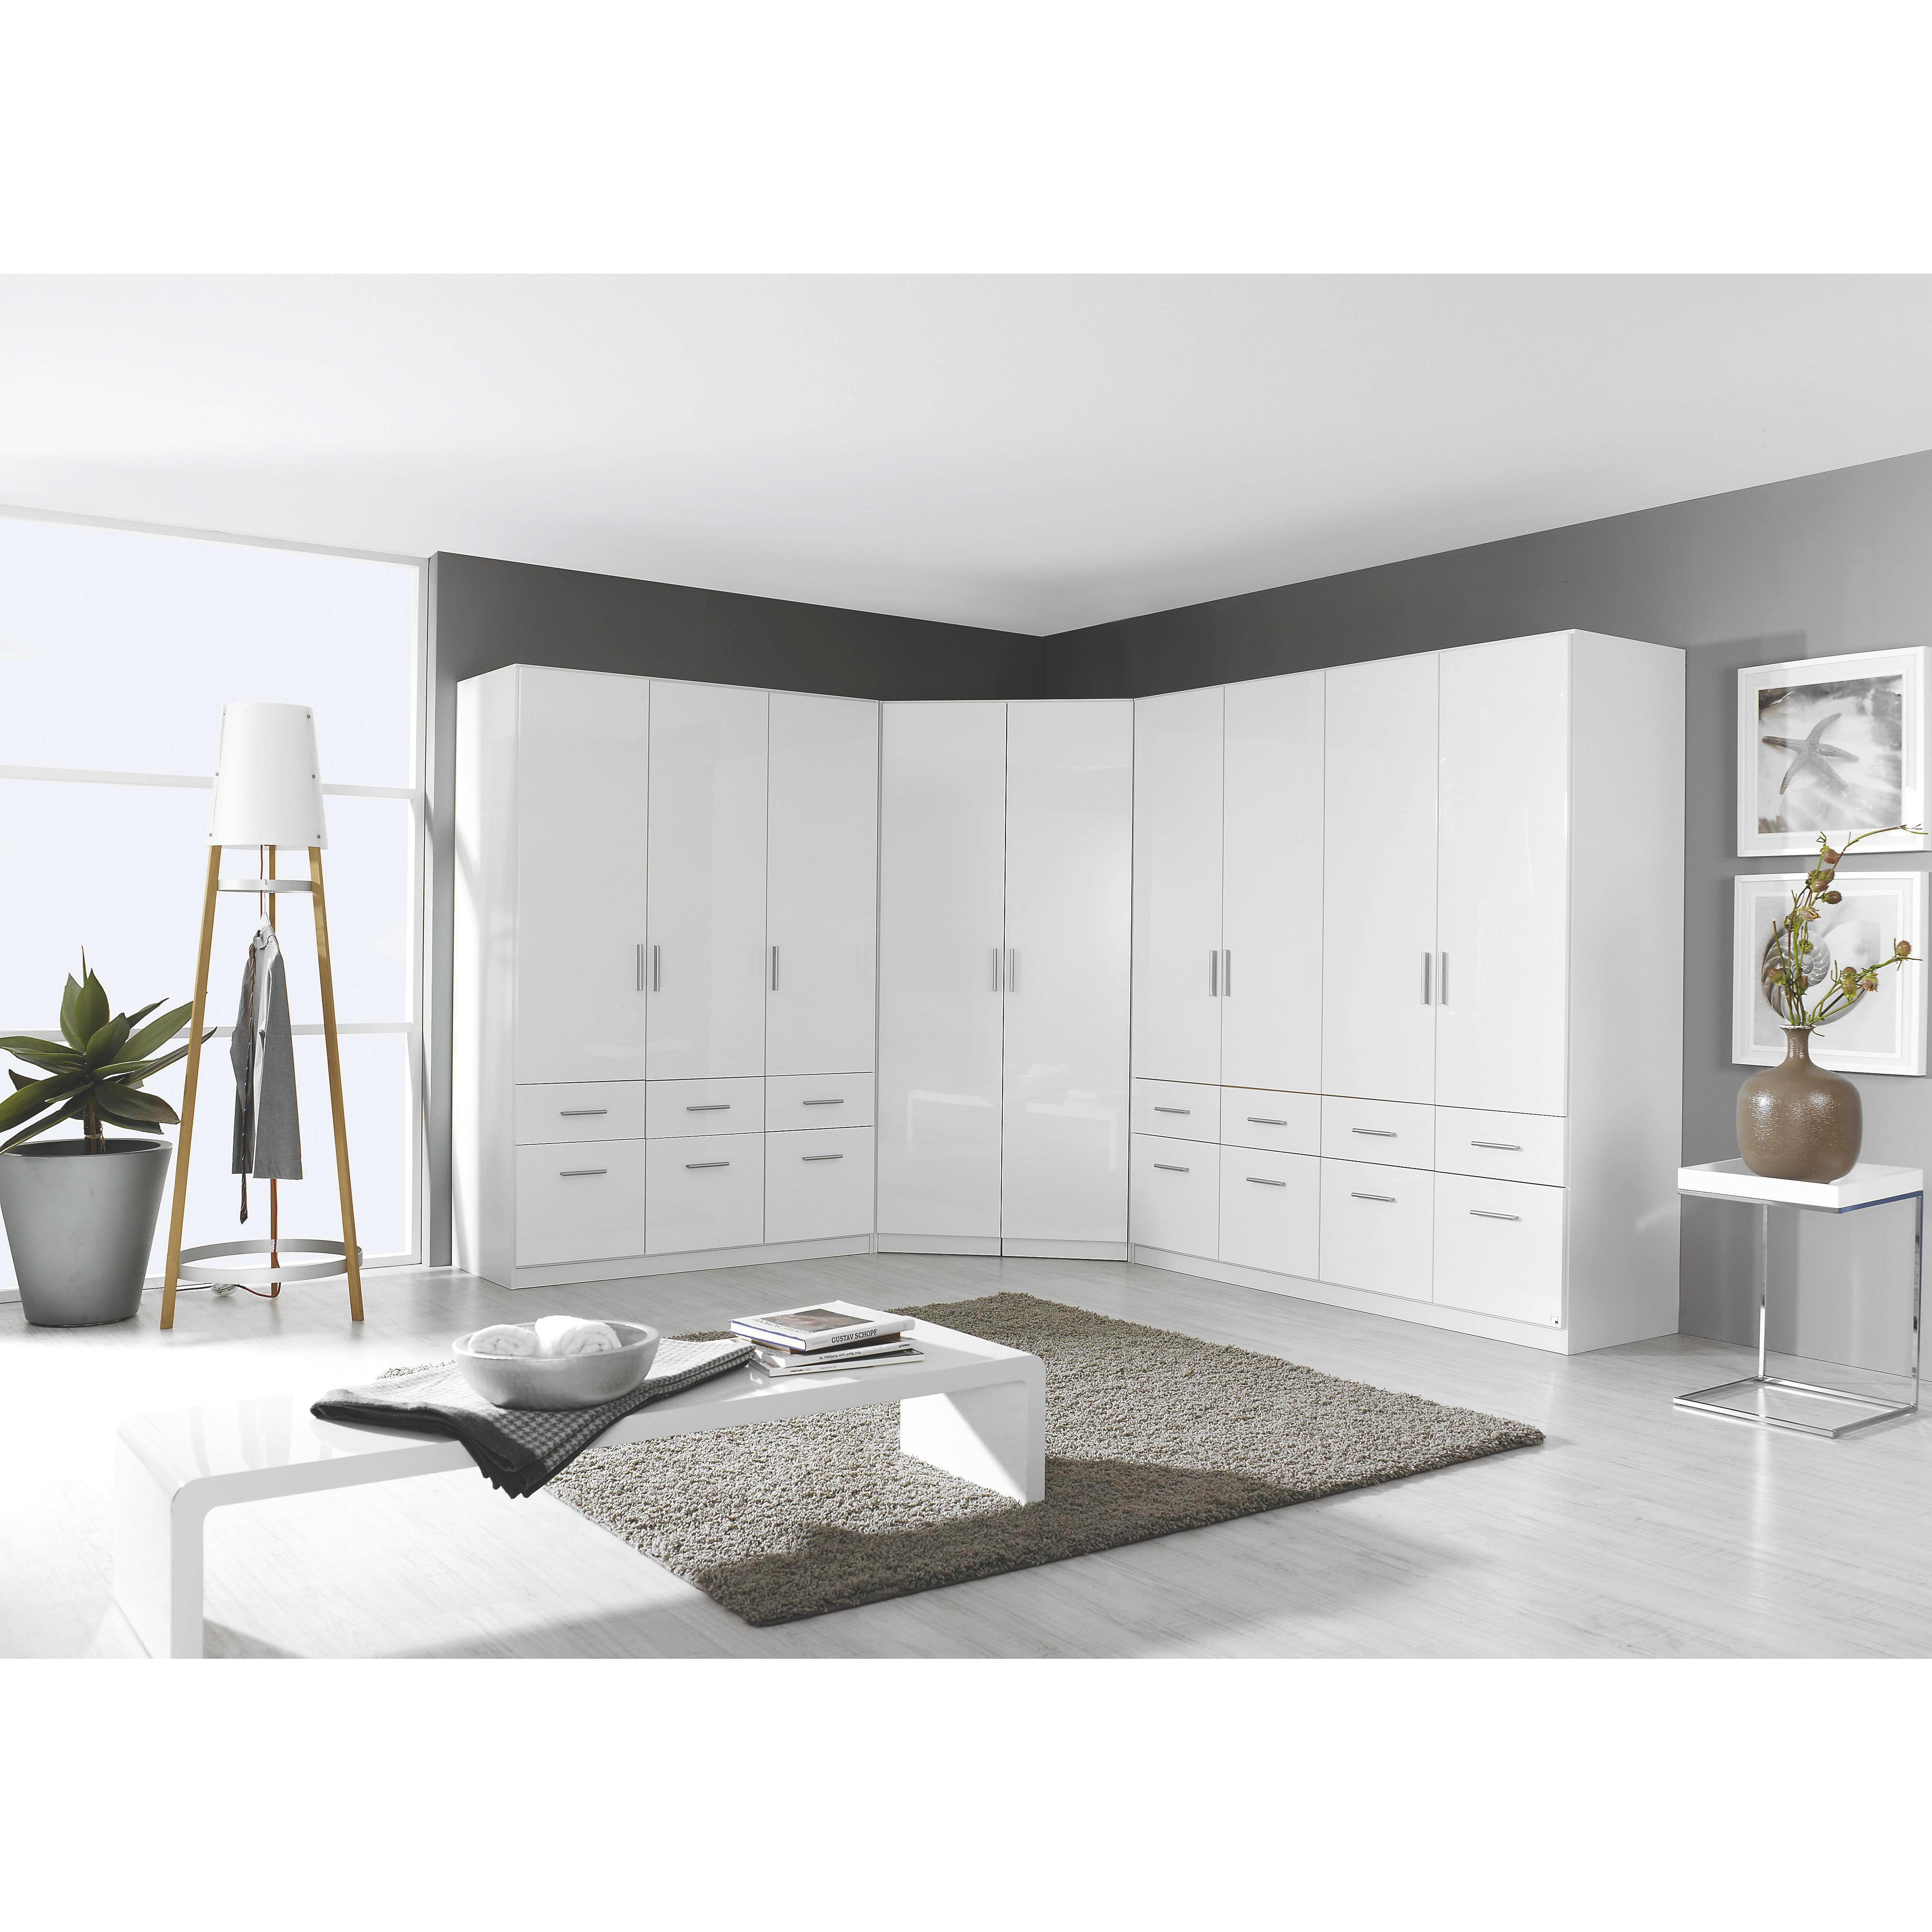 Kleiderschrank in Weiß Hochglanz mit 3 Drehtüren